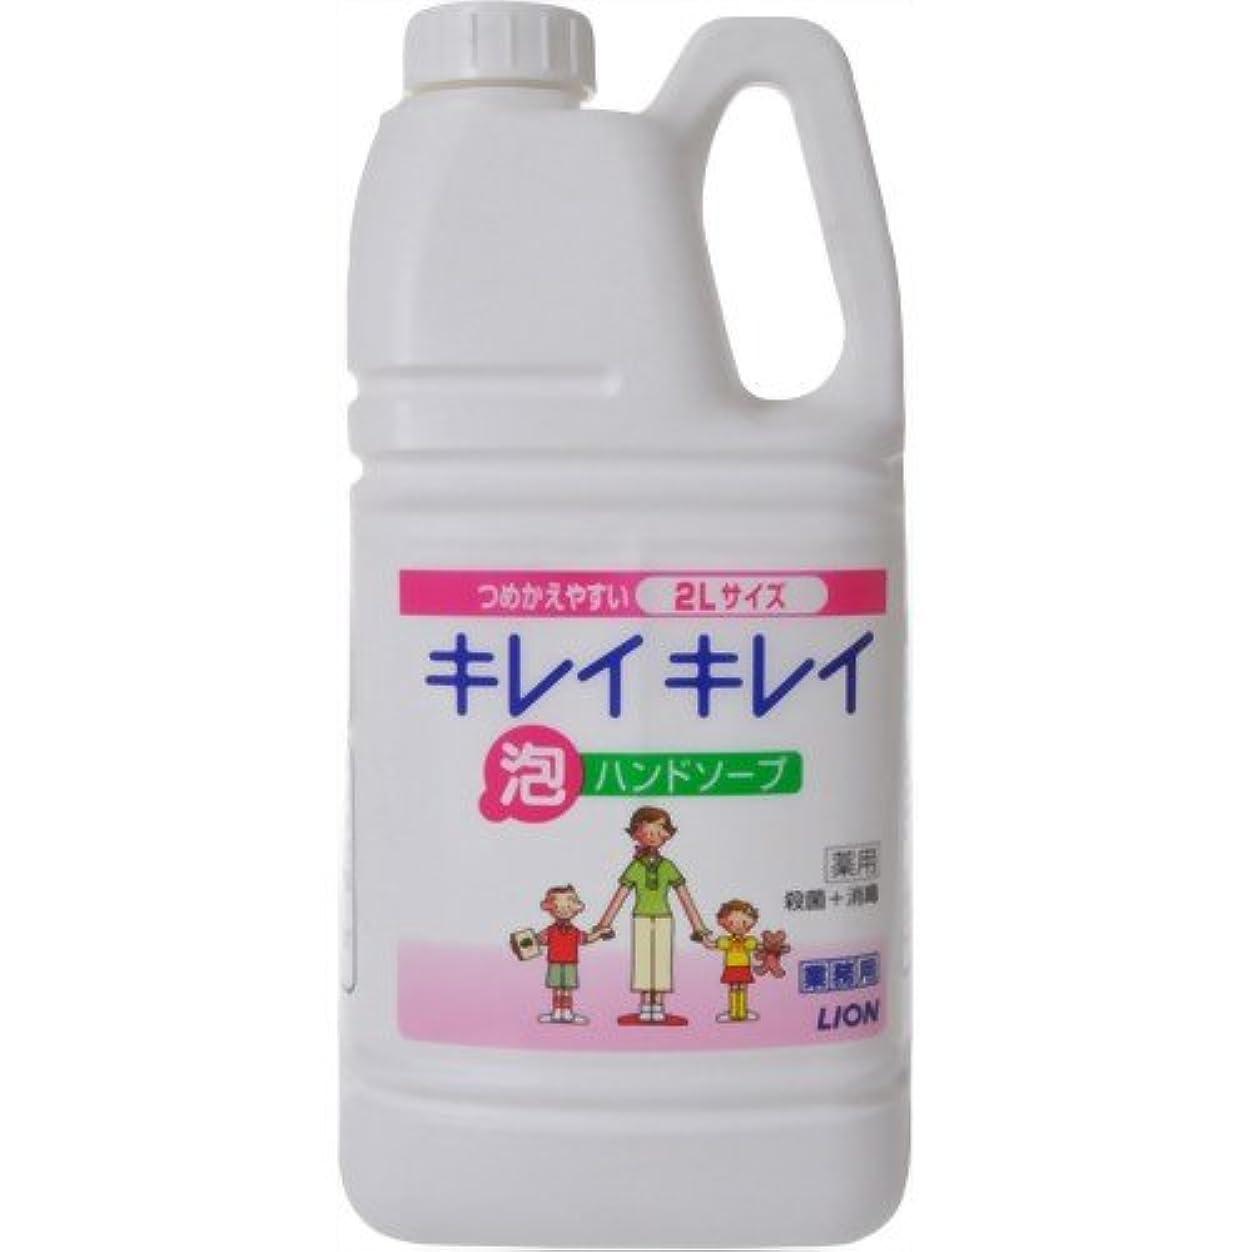 解凍する、雪解け、霜解けハンディアクションキレイキレイ薬用泡ハンドソープ2L(業務用)